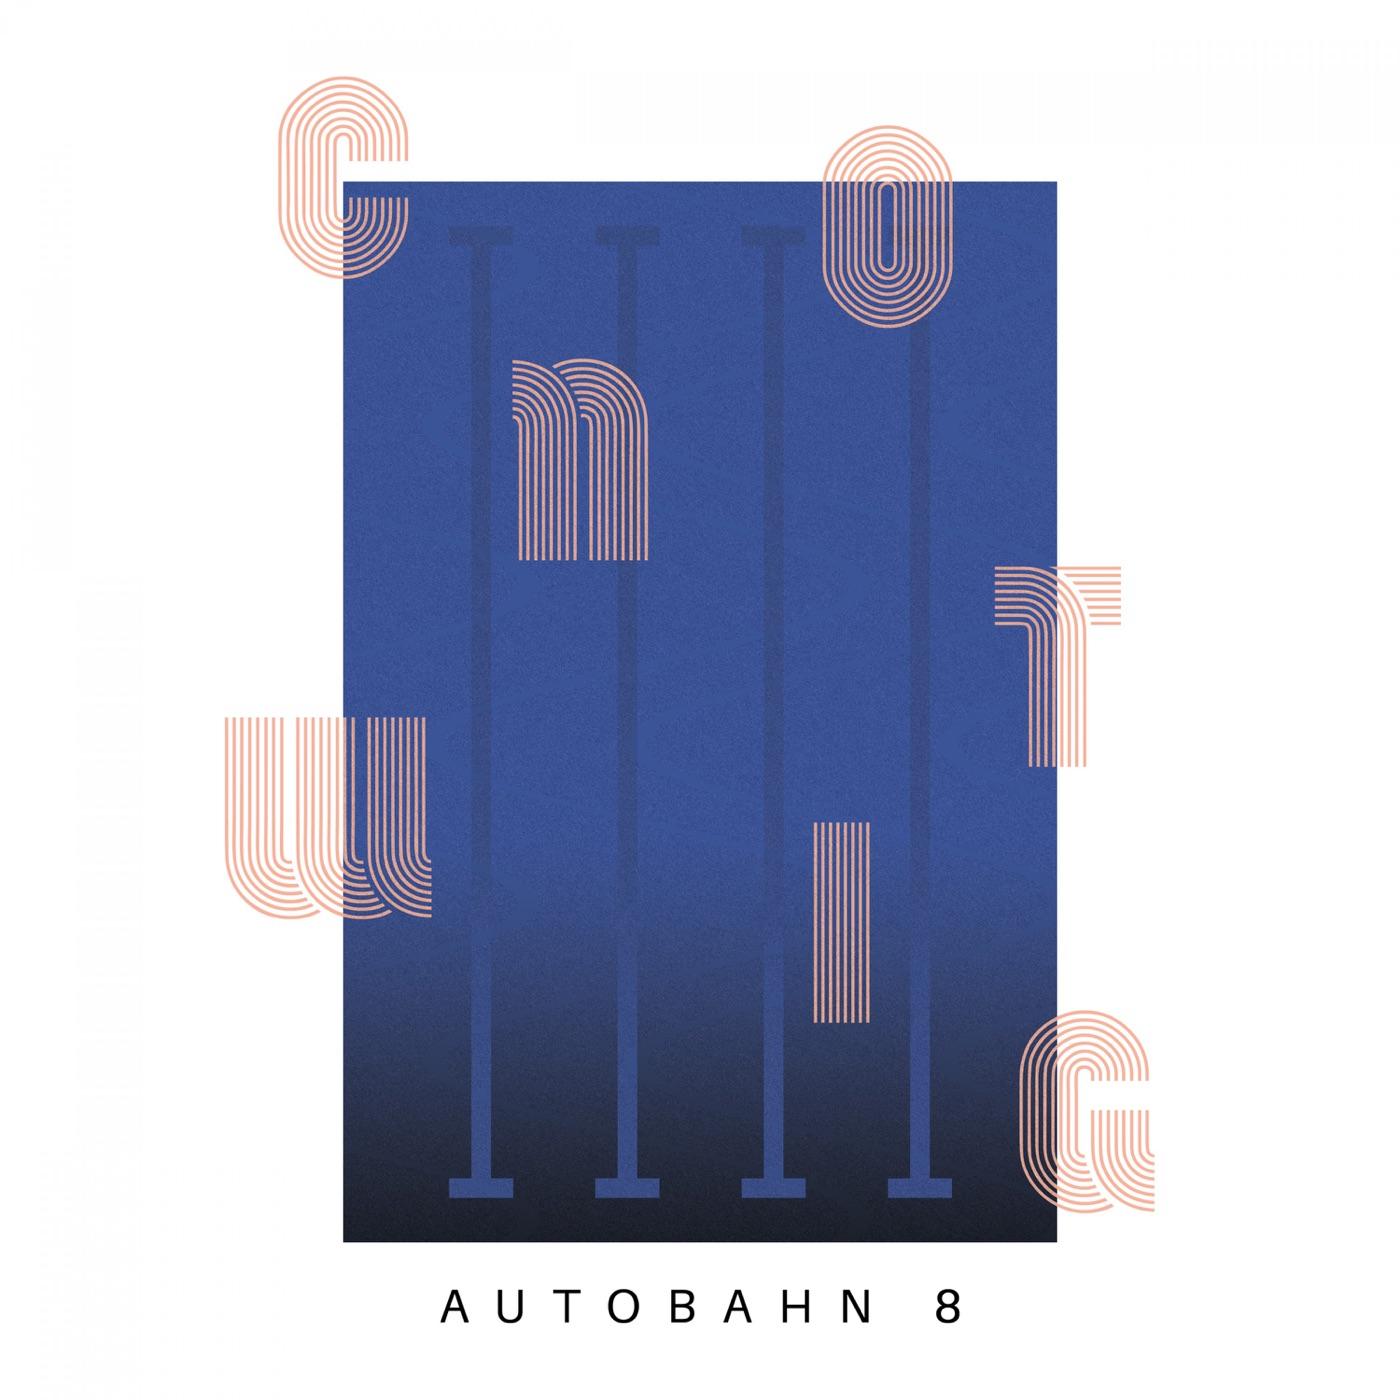 Contwig - Autobahn 8 (2018)